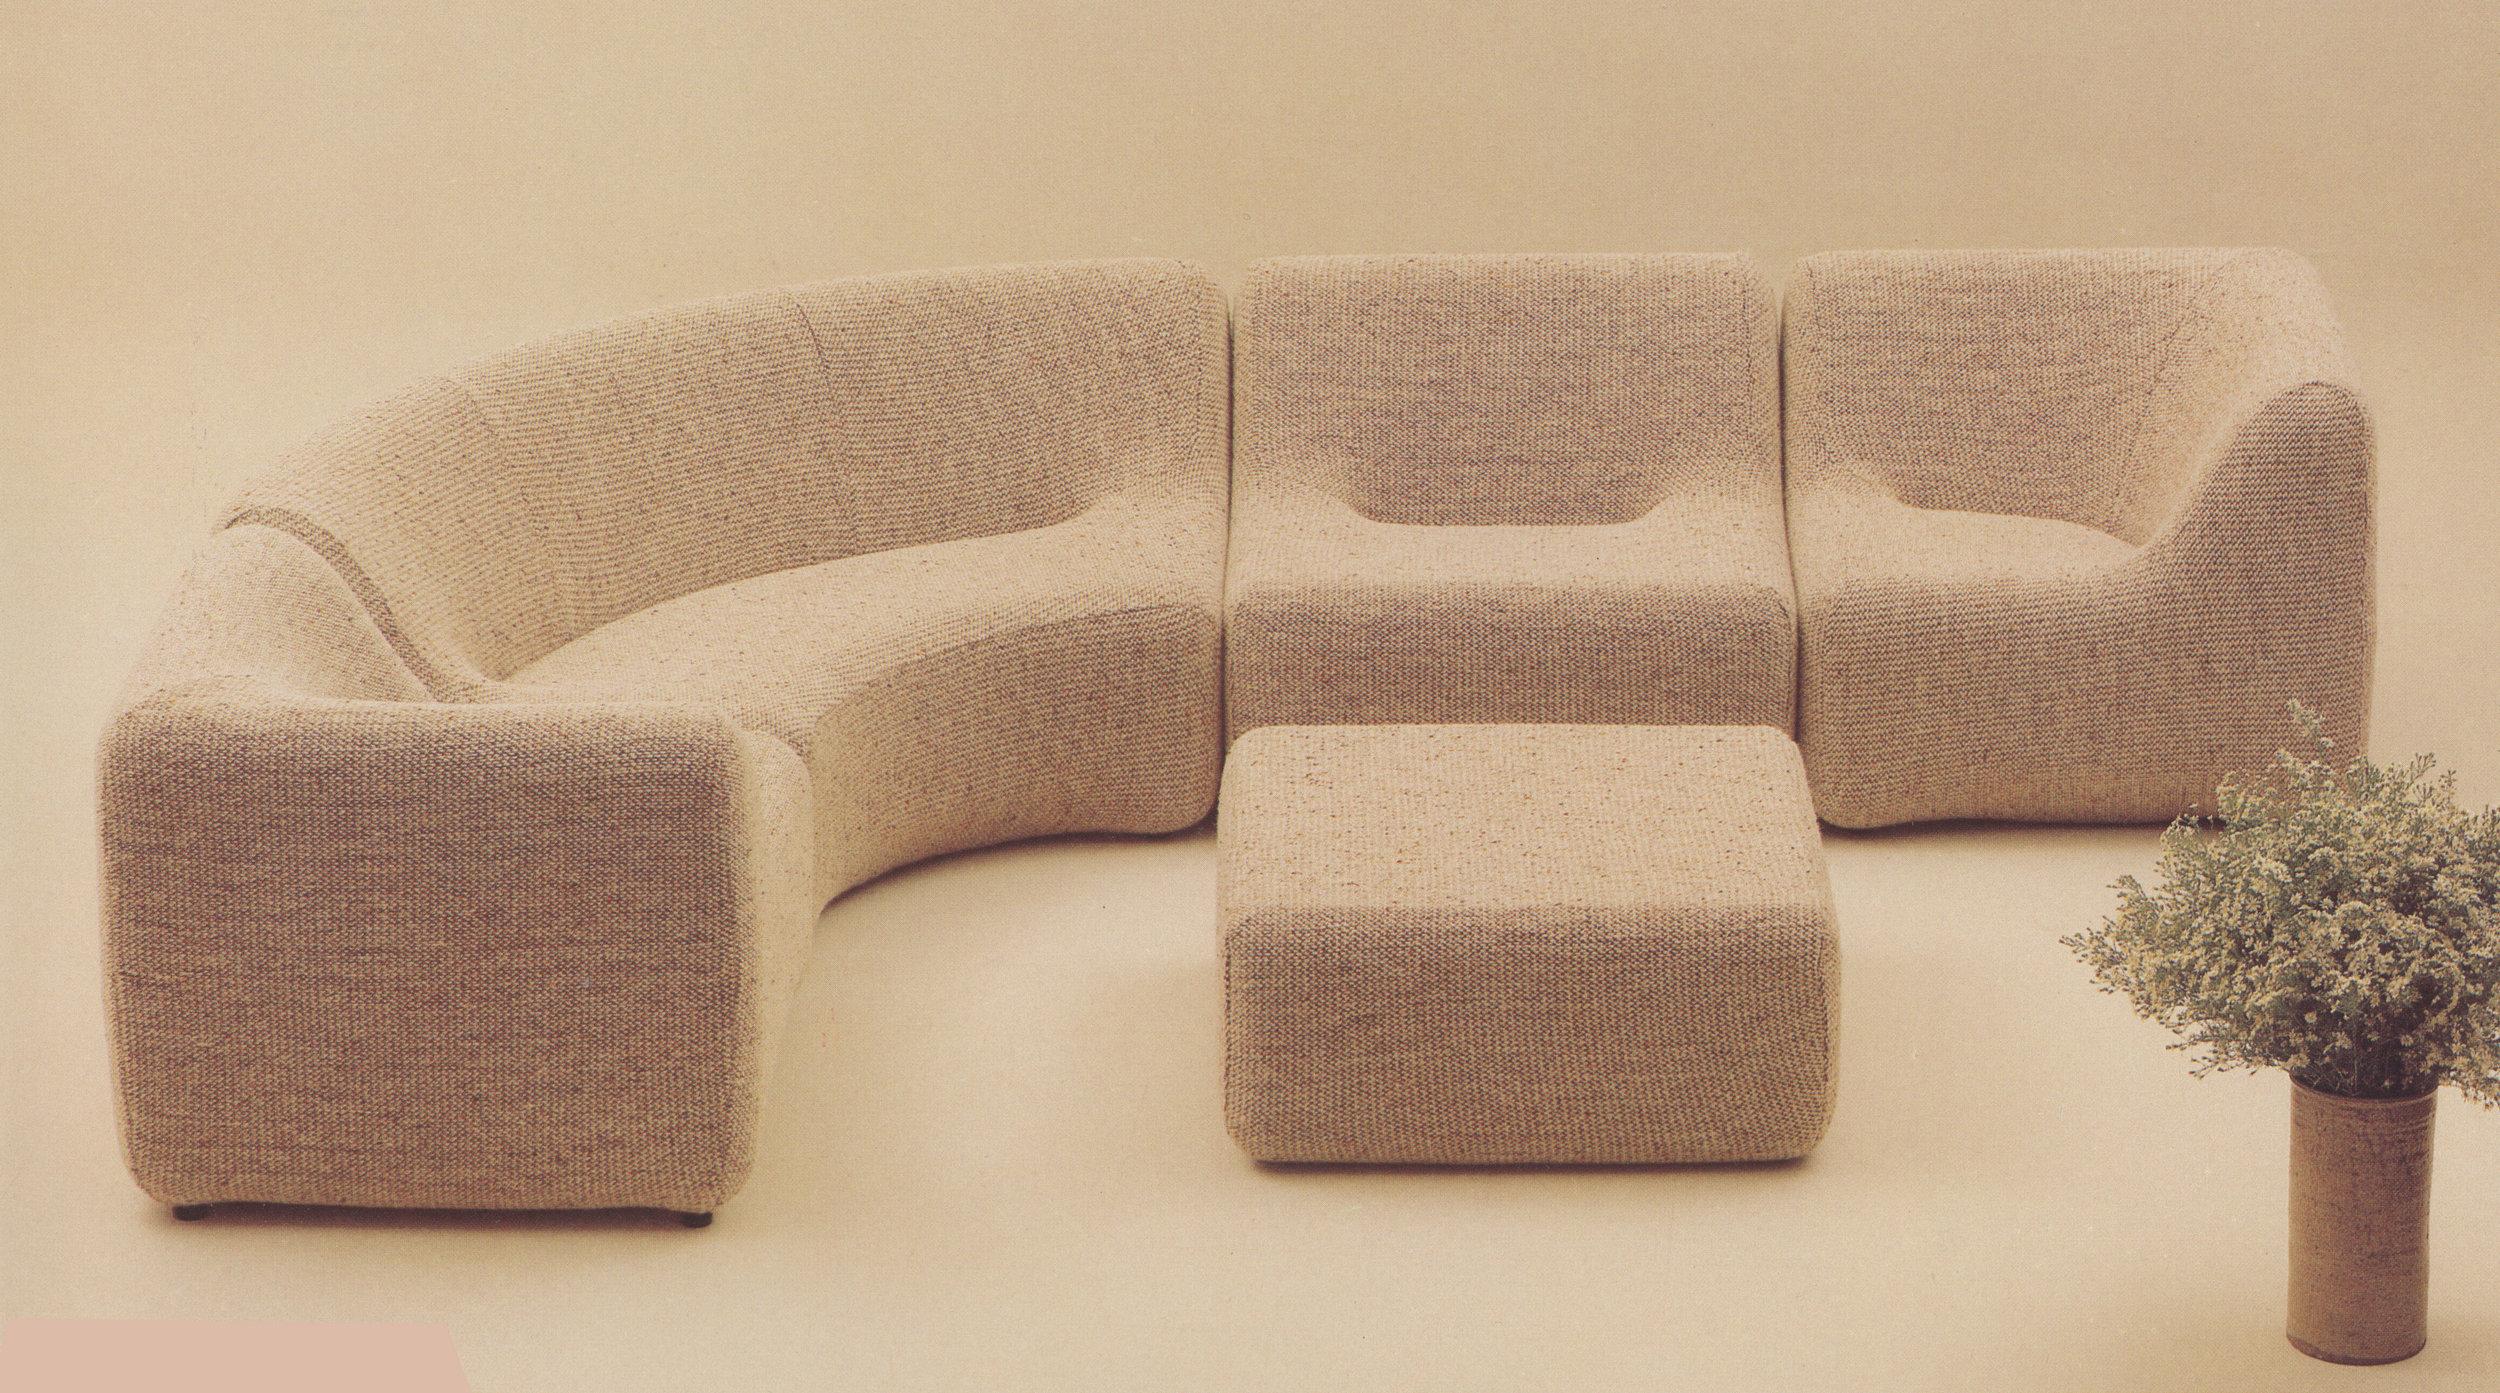 Numero VII furniture range, 1973